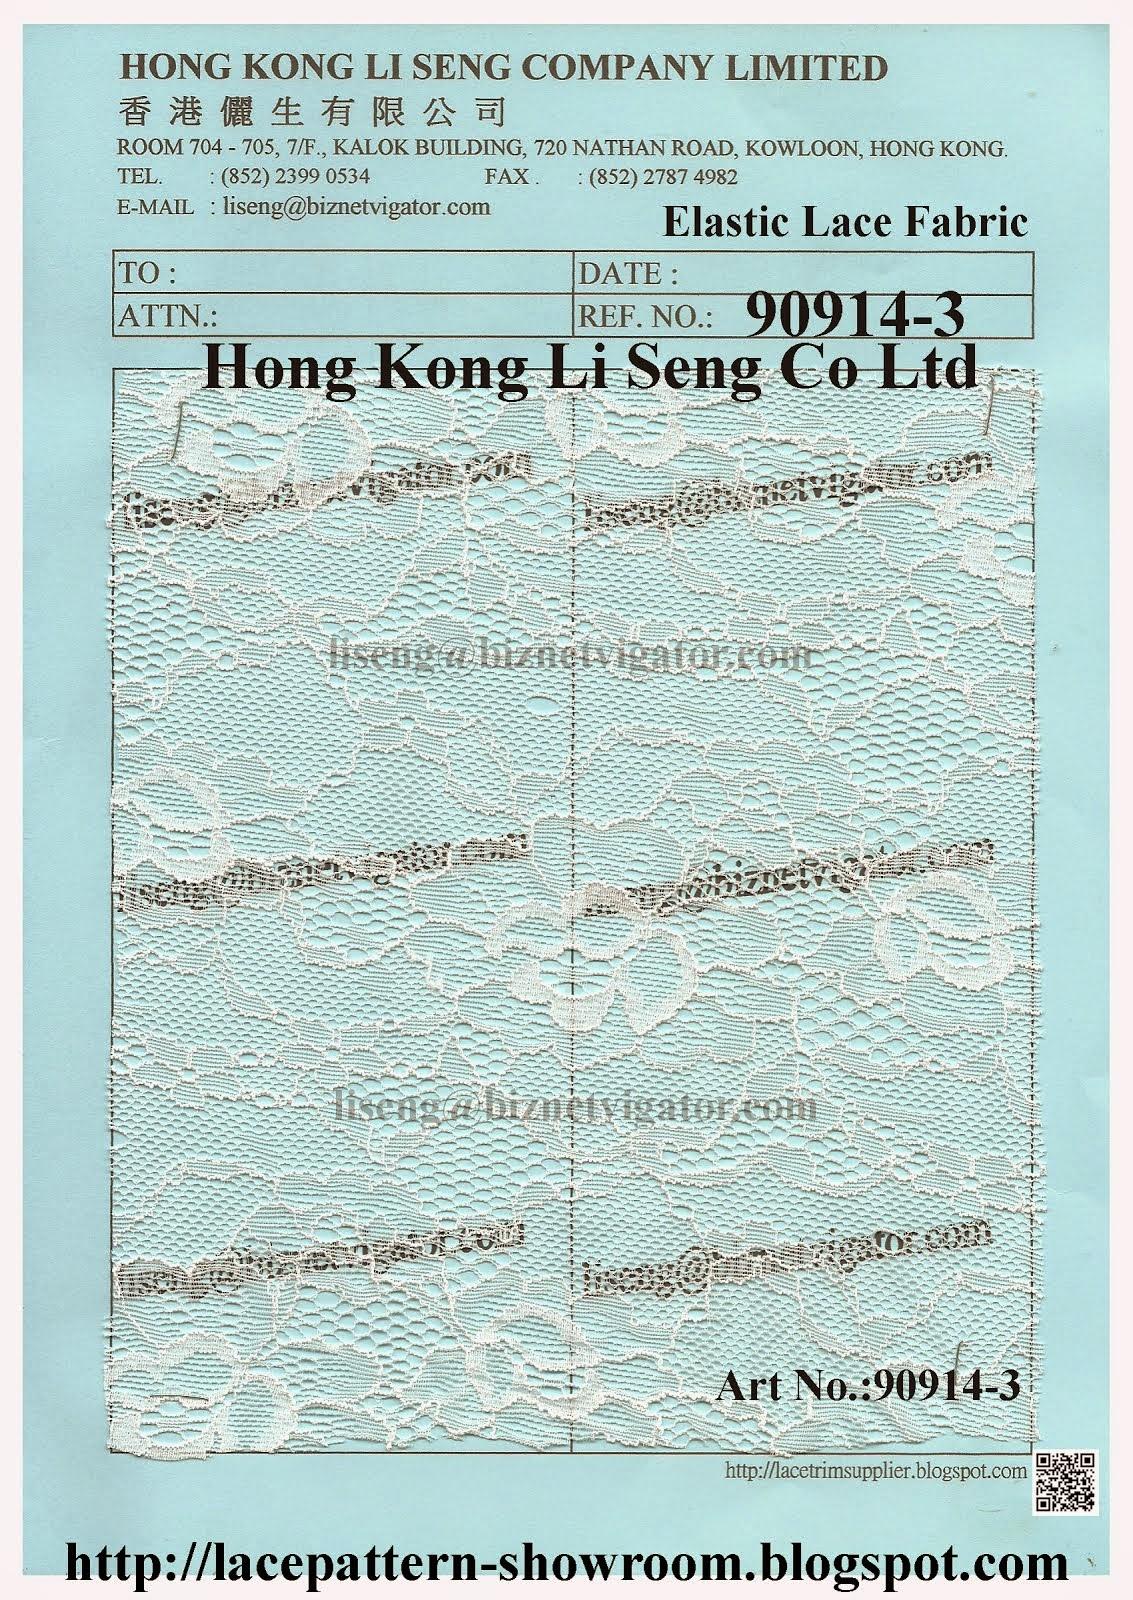 Elastic Lace Fabric Wholesale - Hong Kong Li Seng Co Ltd